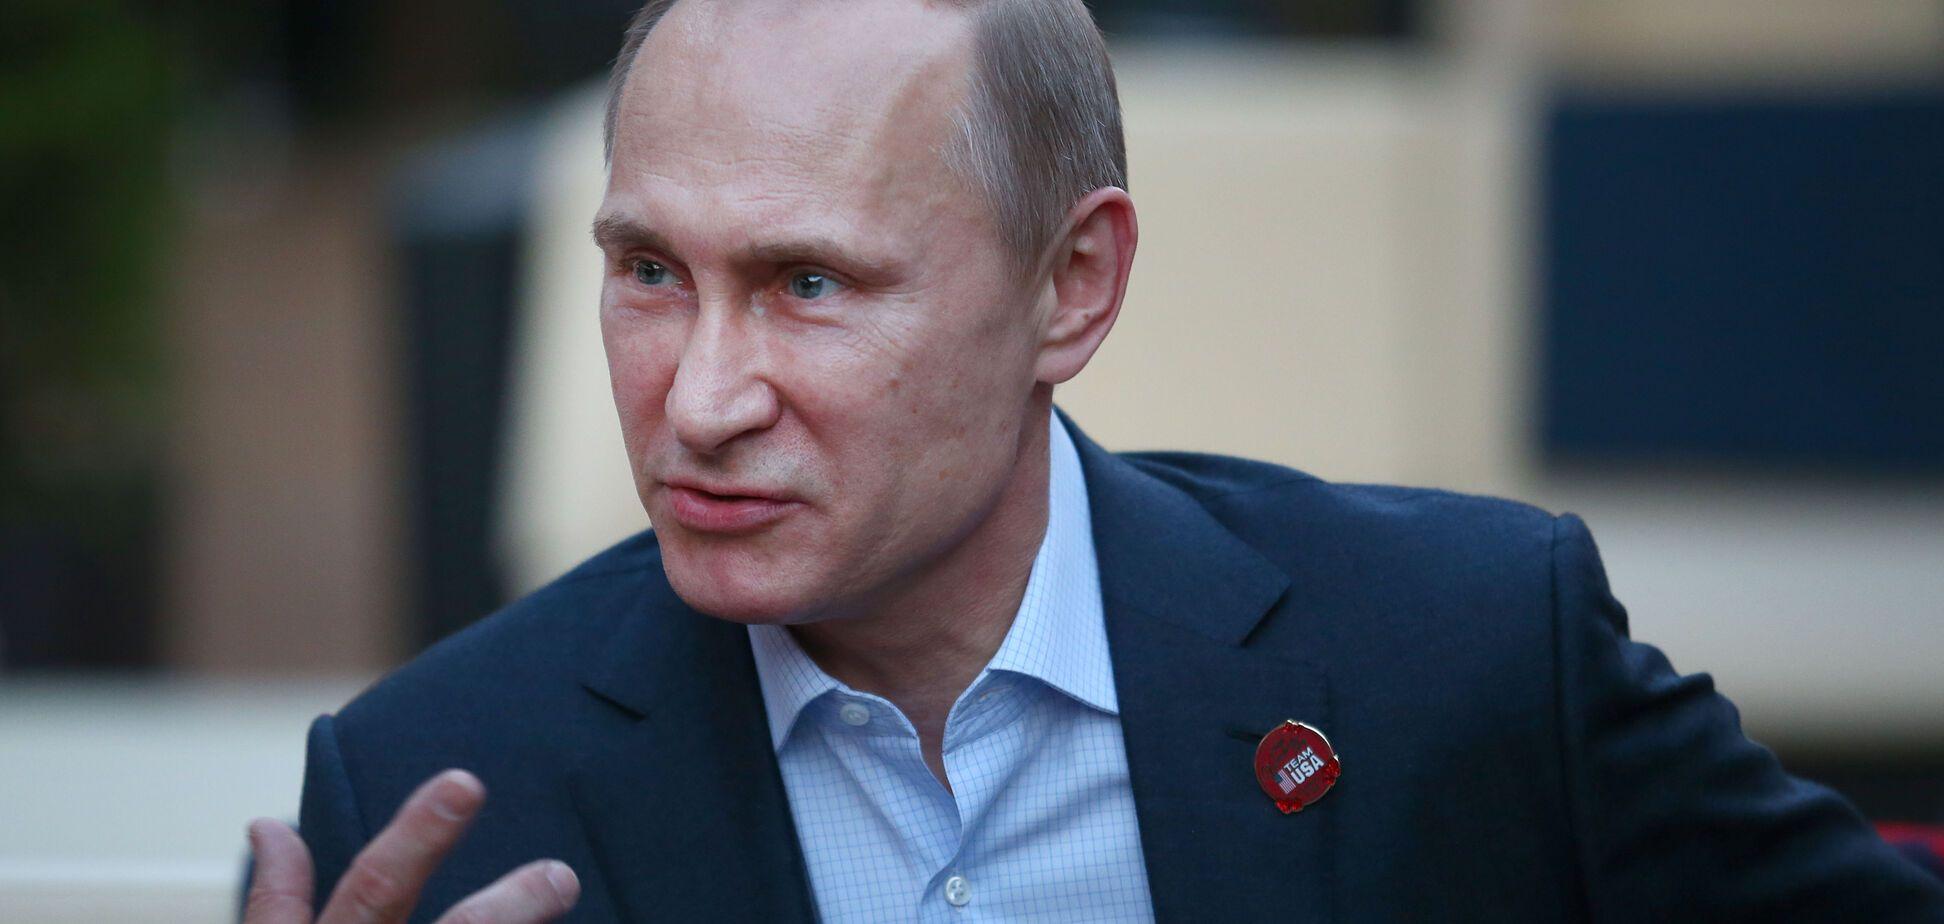 Выборы в России: оппонент Путина заявил об унижении из-за Крыма и Донбасса